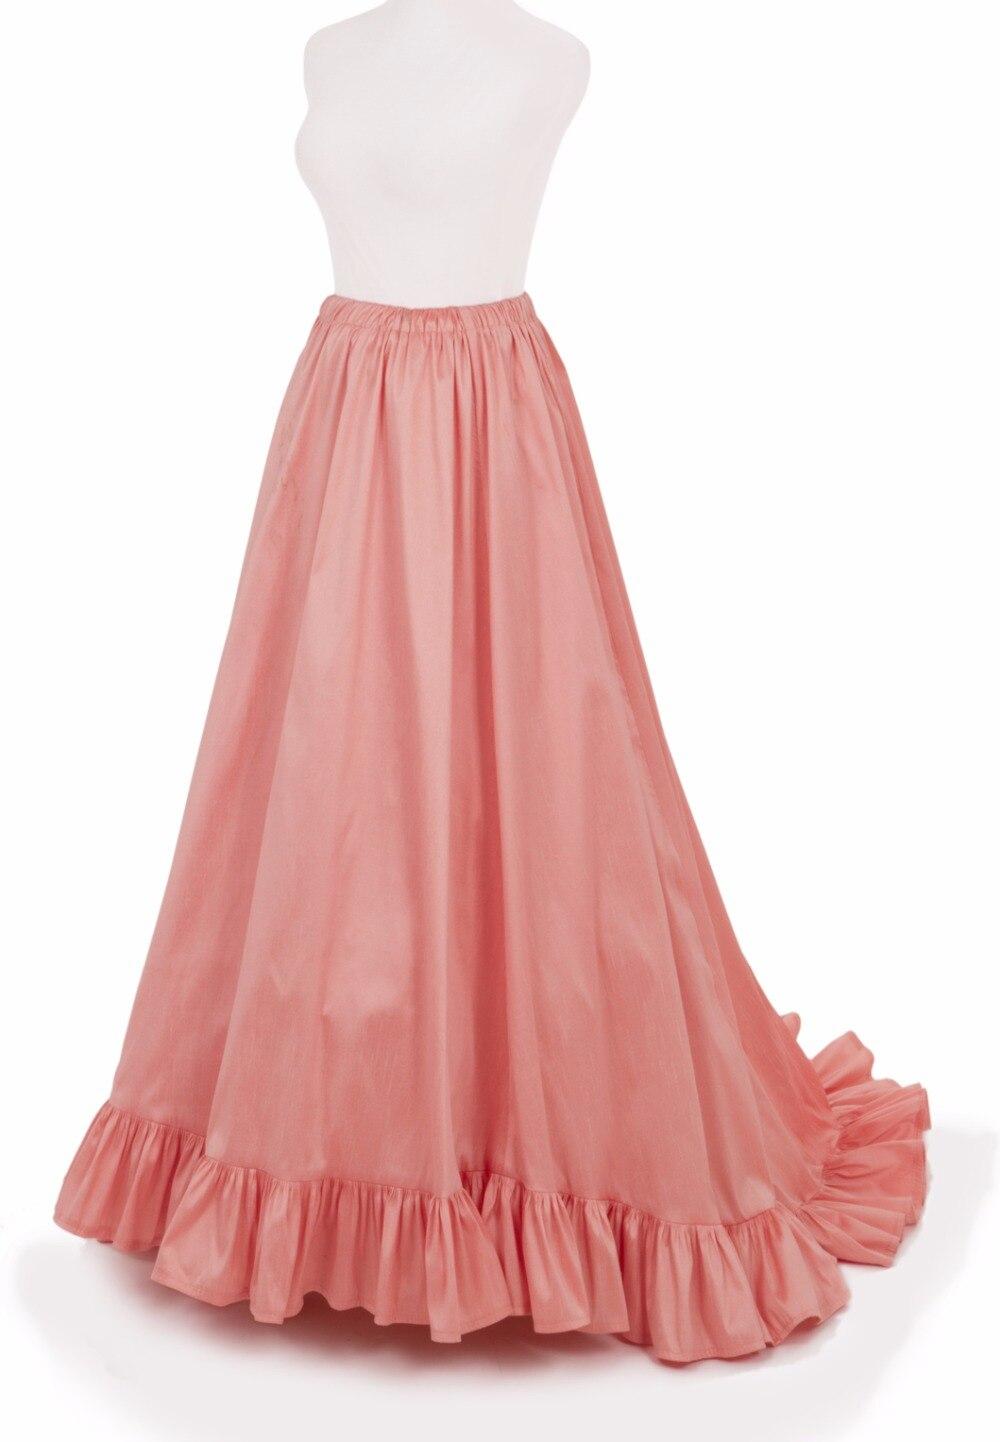 Викторианская суета юбка викторианская французская плиссированная сборная суета розовая юбка - 2